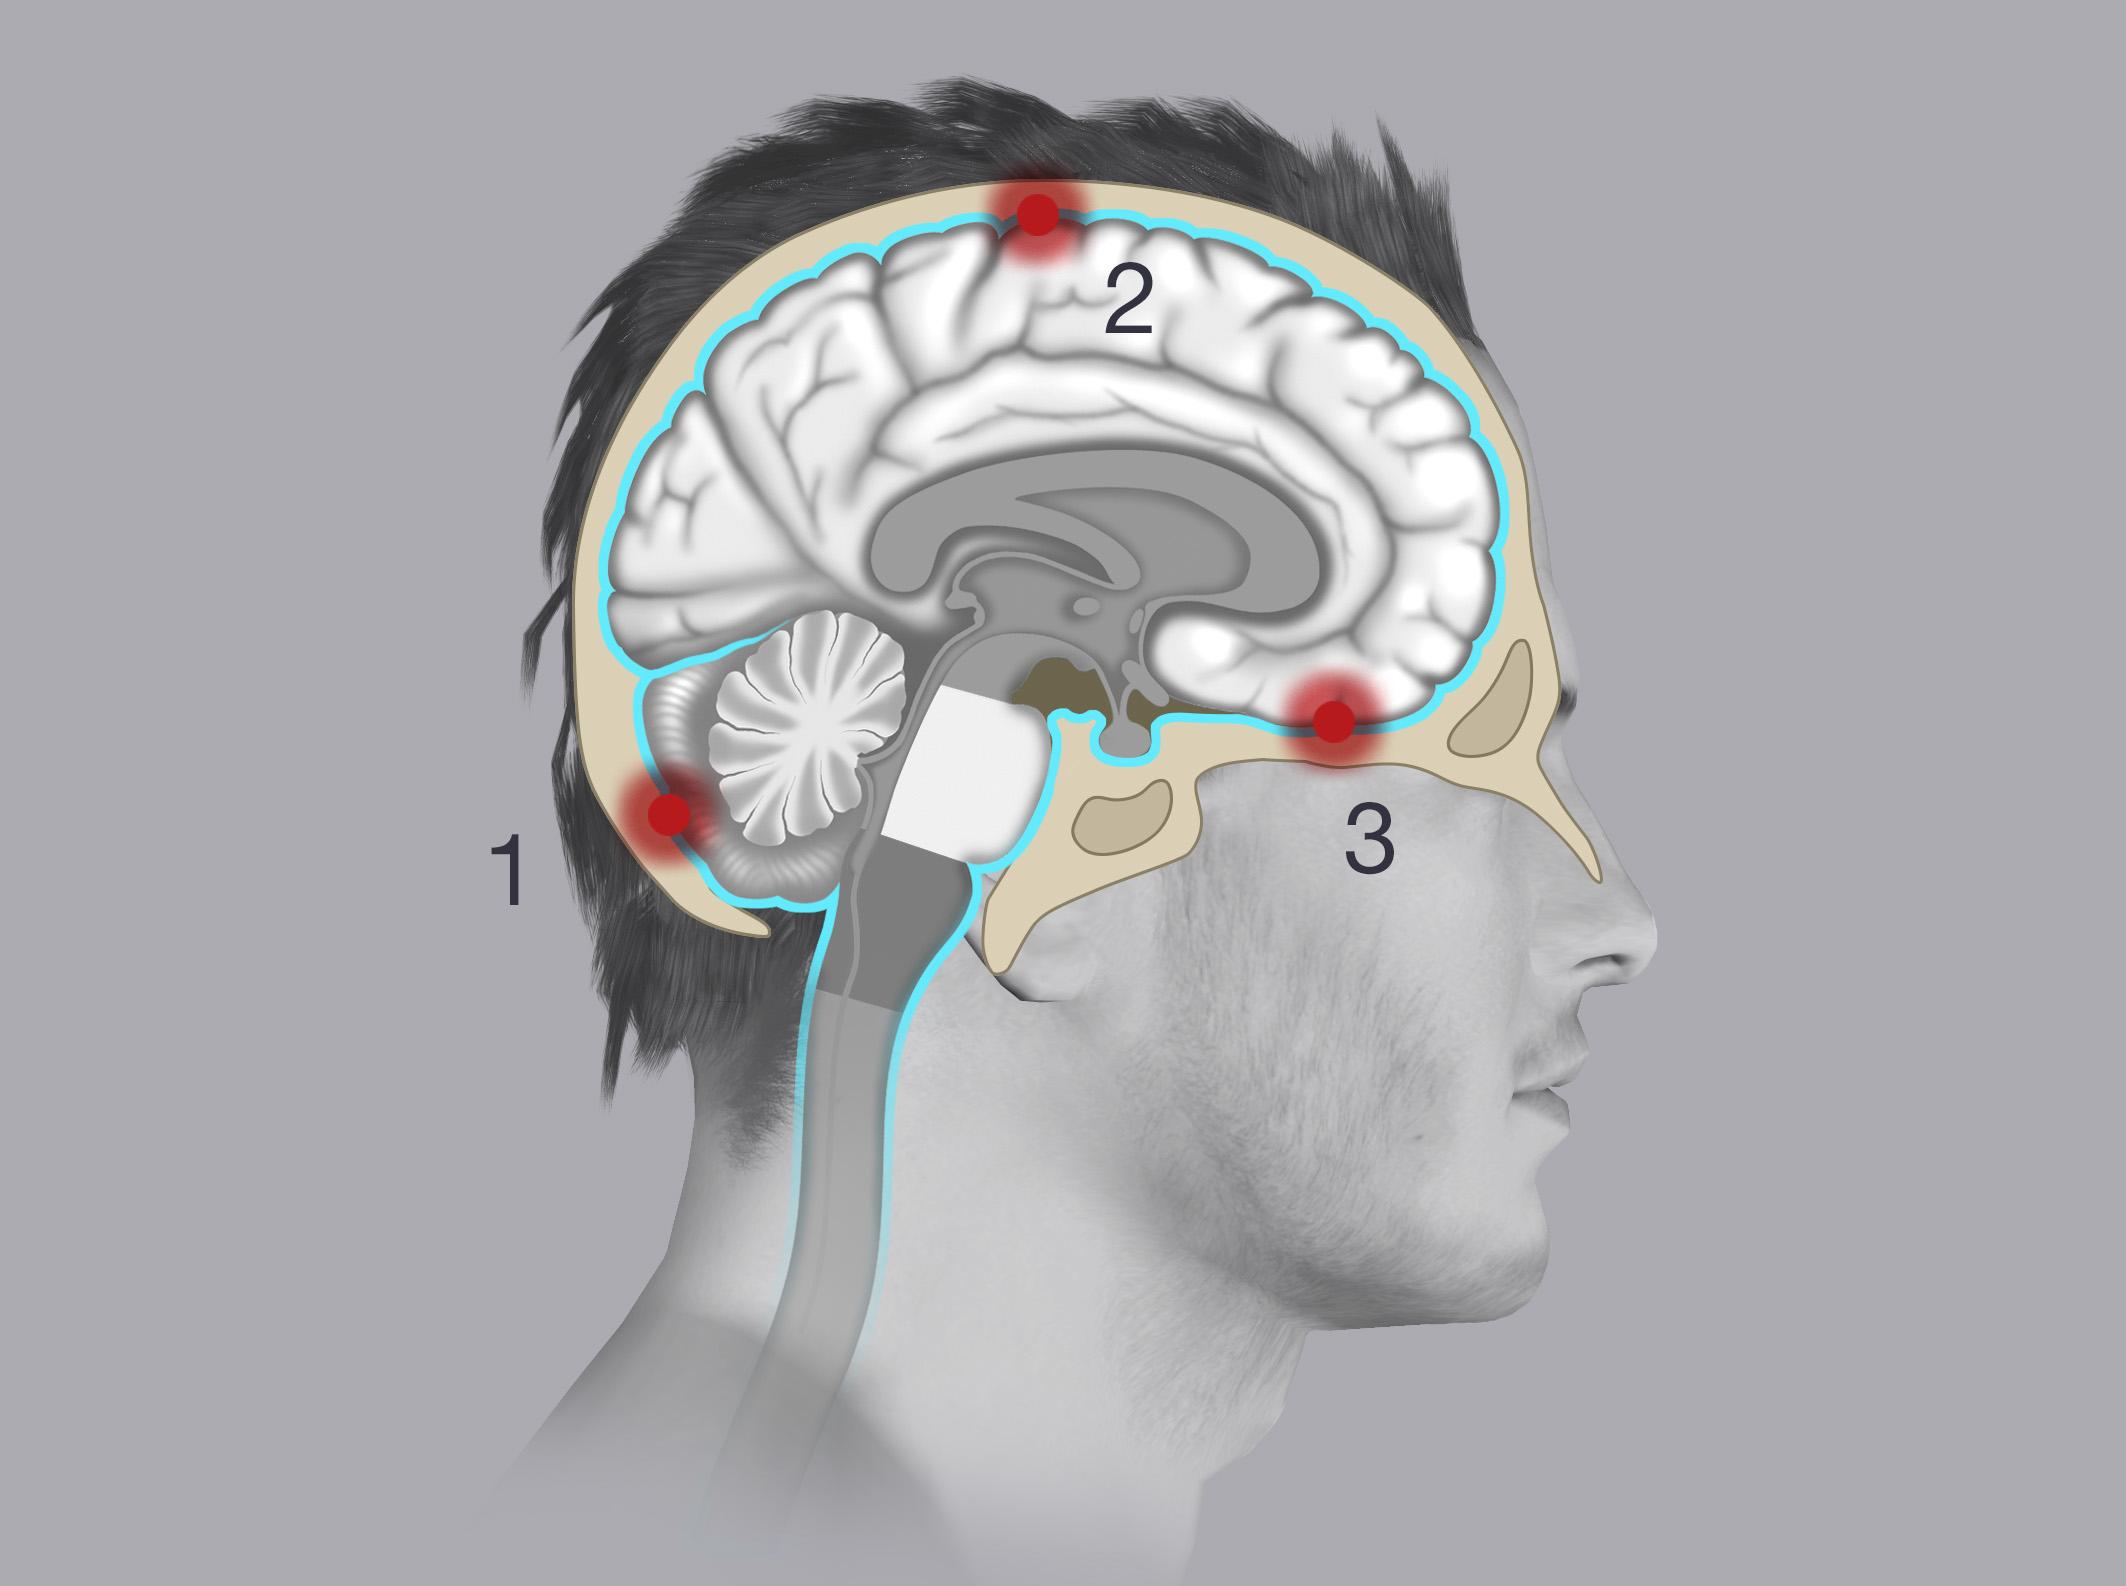 Depending on where the meningiomas are located, they are classified as one of the following:  posterior fossa meningiomas (1), convexity meningiomas (2), skull base meningiomas (3).